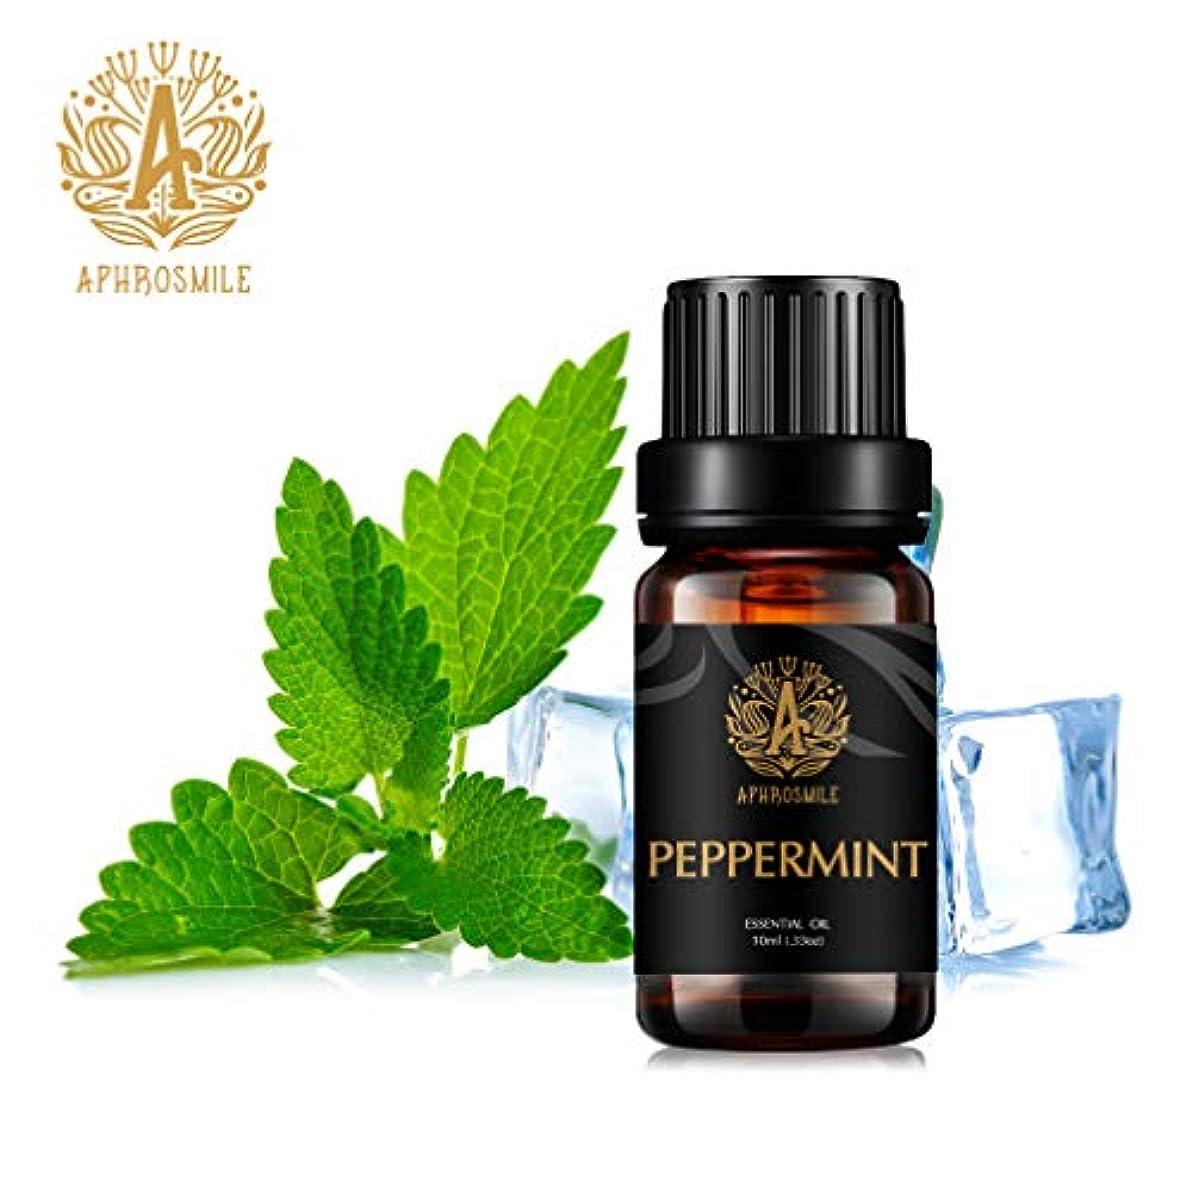 政府酸化物挑発するペパーミントの精油、100%純粋なアロマセラピーエッセンシャルオイルペパーミントの香り、明確な思考と、治療用グレードエッセンシャルオイルペパーミントの香り為にディフューザー、マッサージ、加湿器、デイリーケア、0.33オンス...